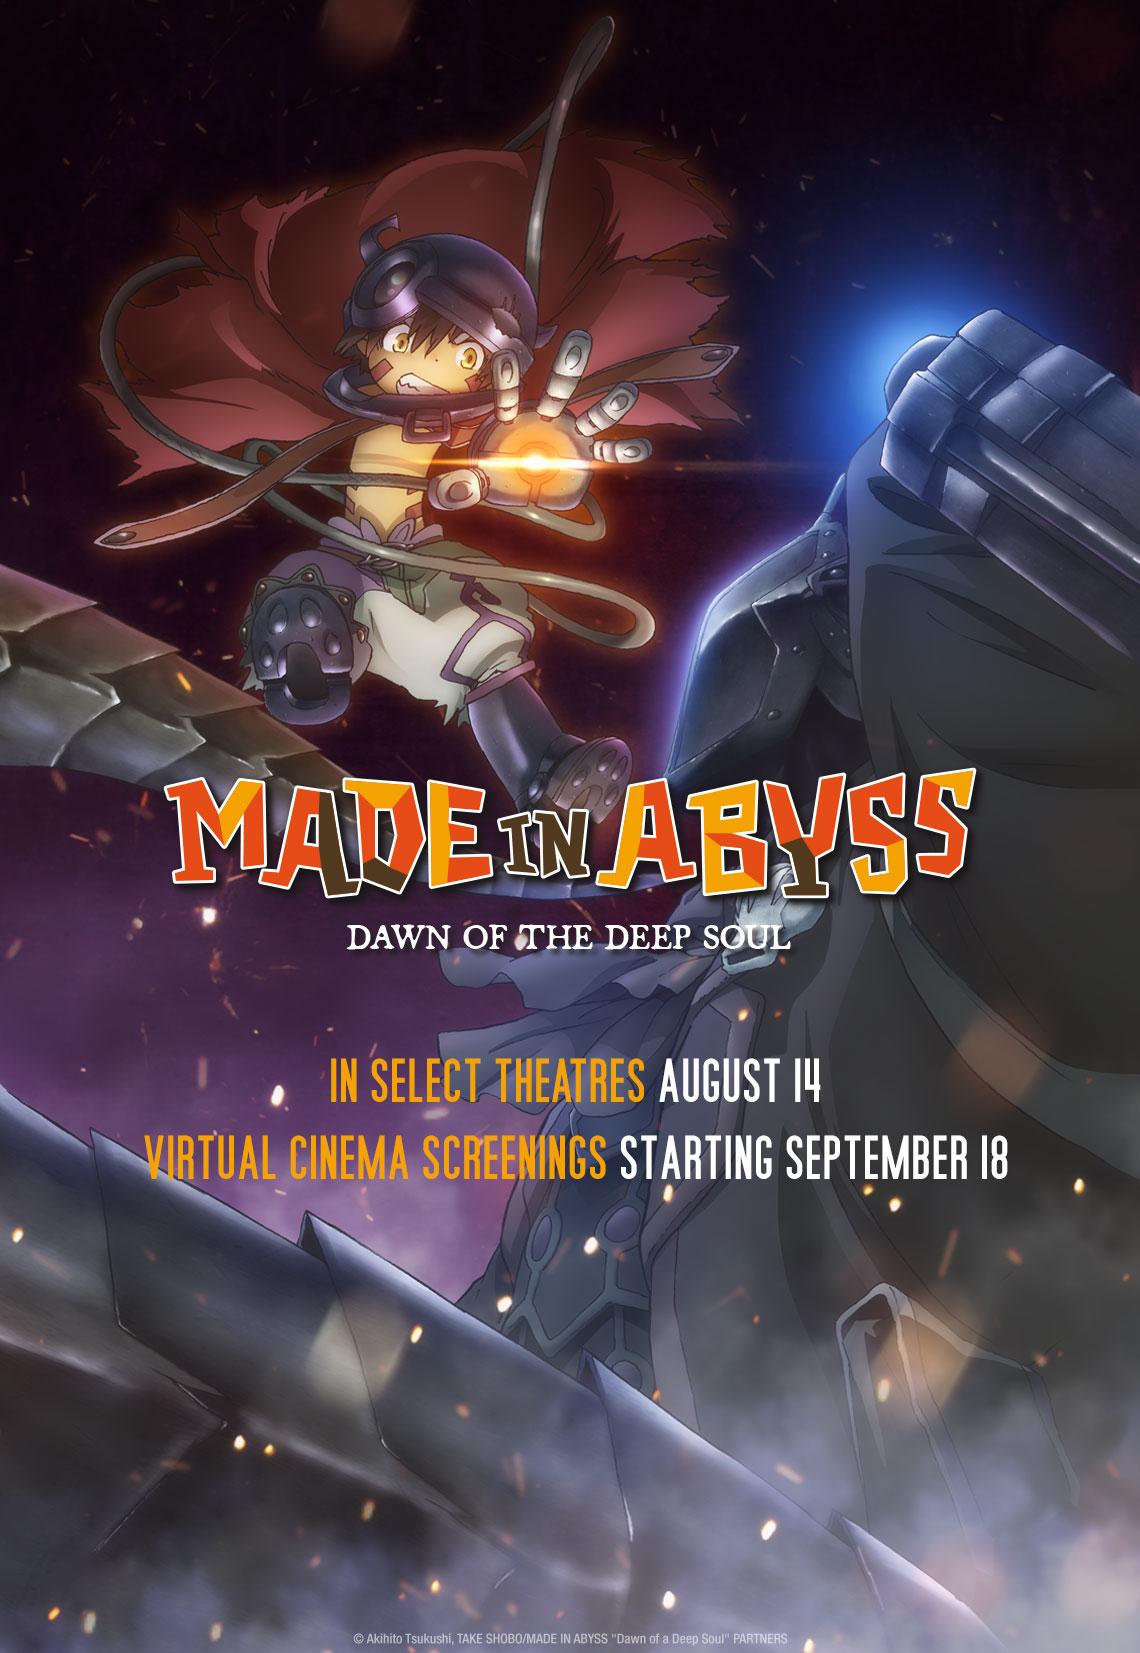 Made in Abyss 3 2020 Japan Animation Masayuki Kojima Miyu Tomita Mariya Ise Shiori Izawa  Animation, Adventure, Fantasy